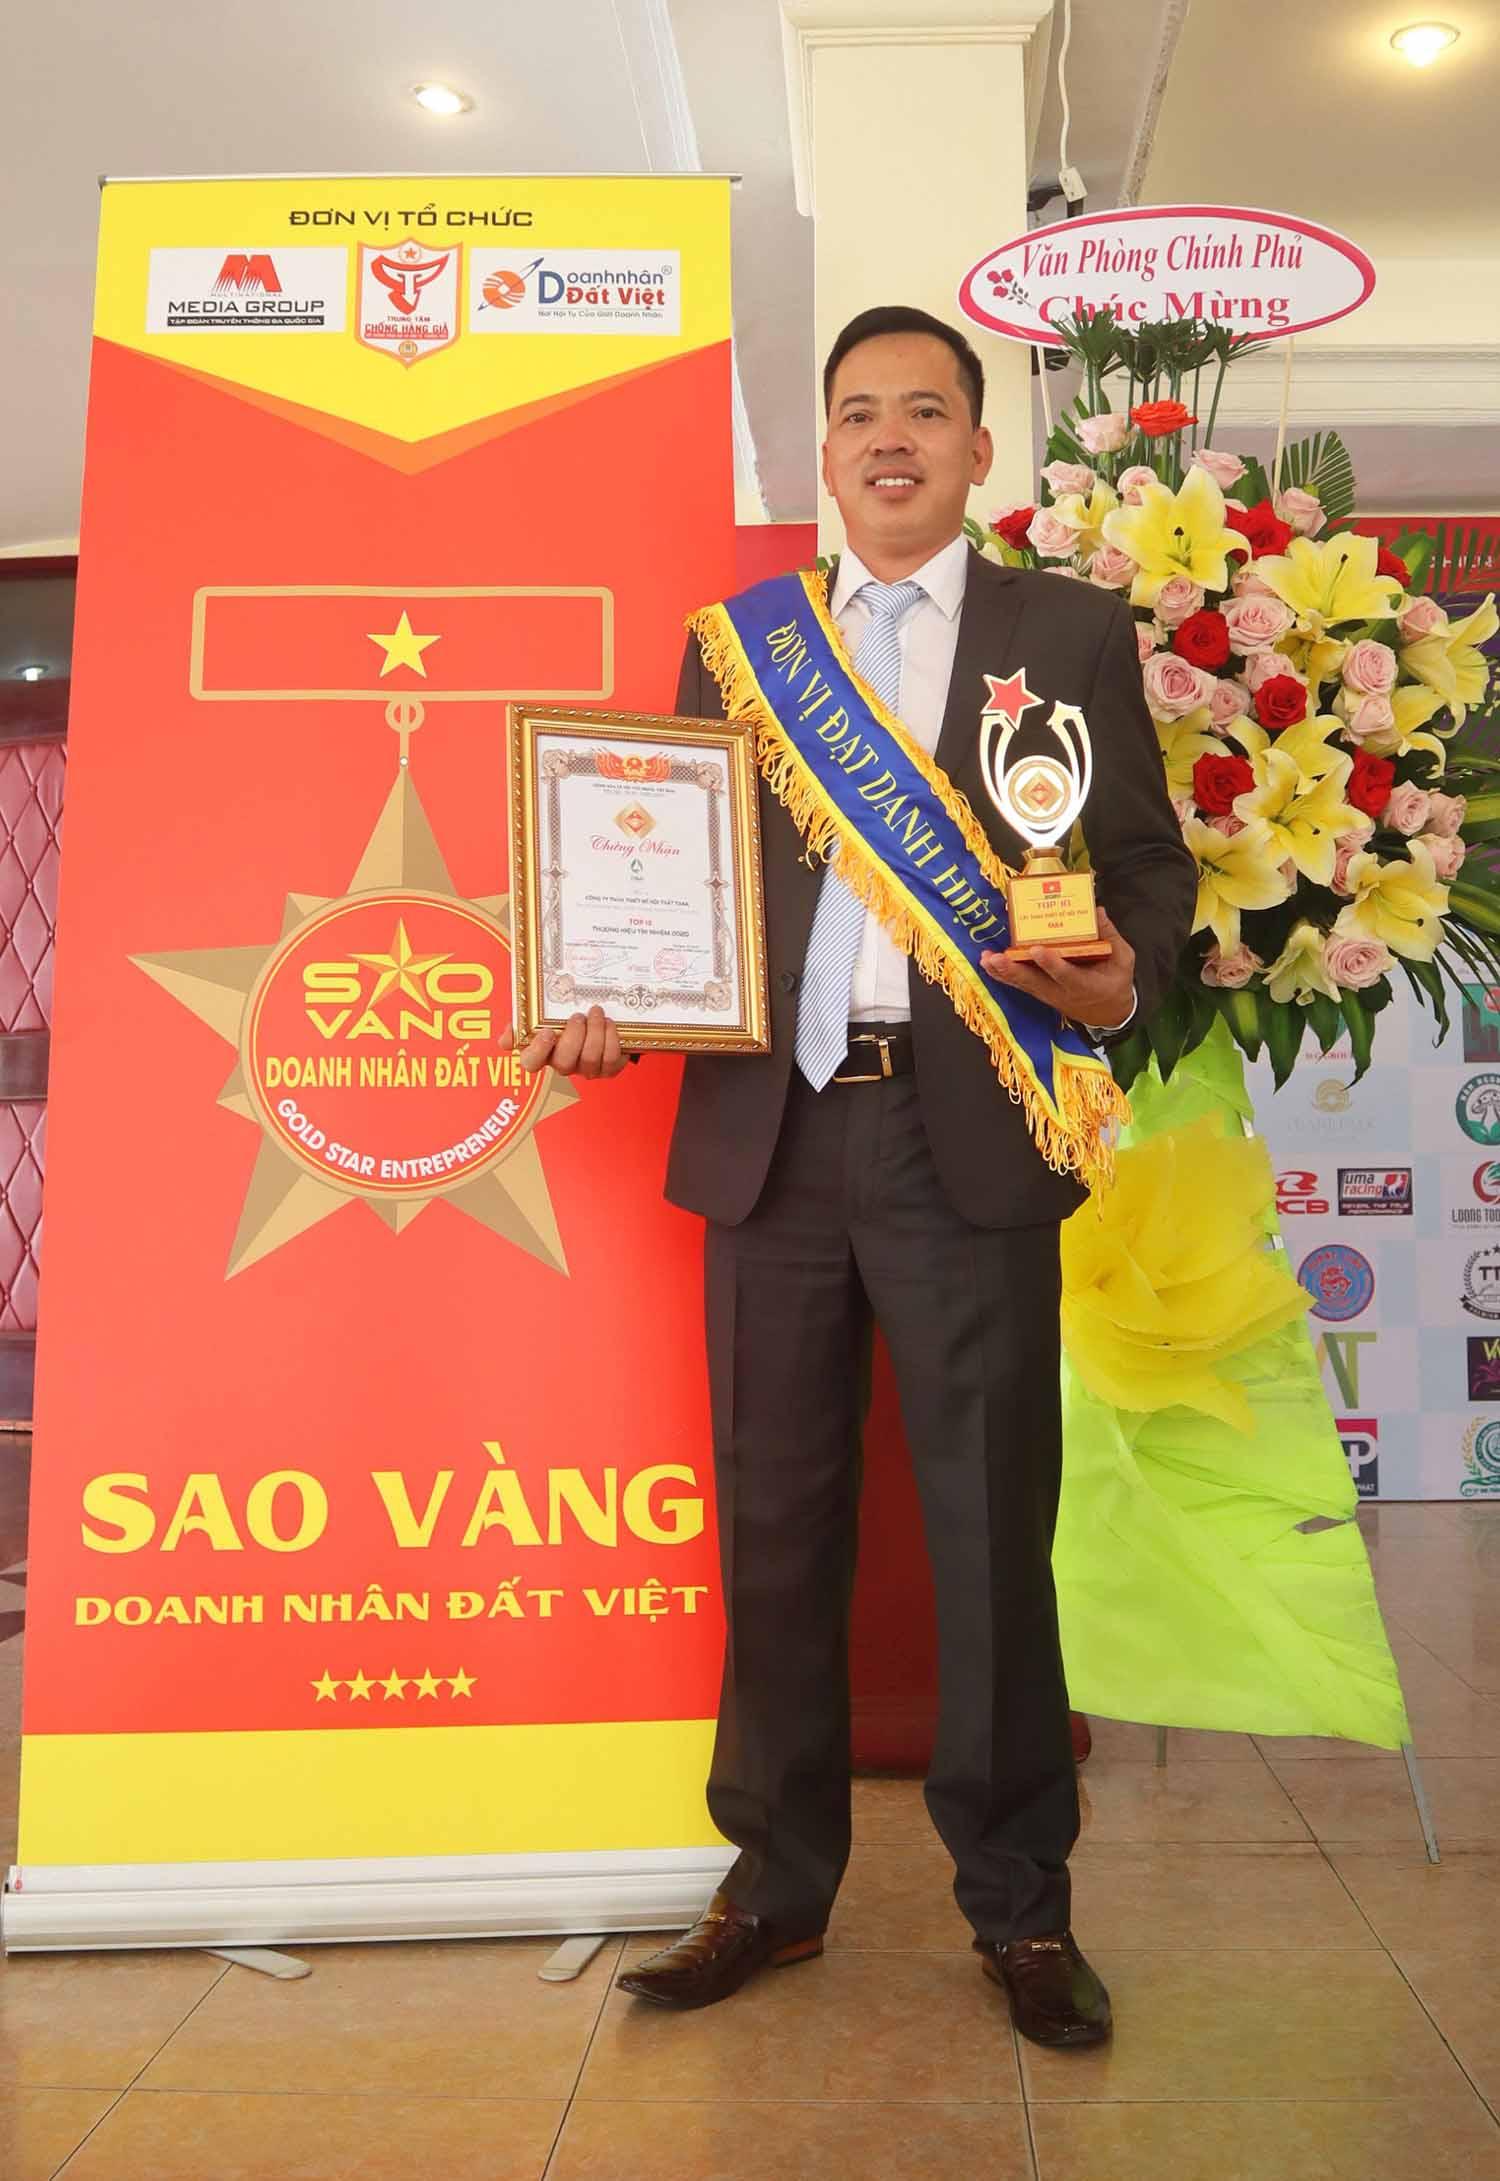 Giải thưởng top 50 doanh nhân sao vàng đát việt